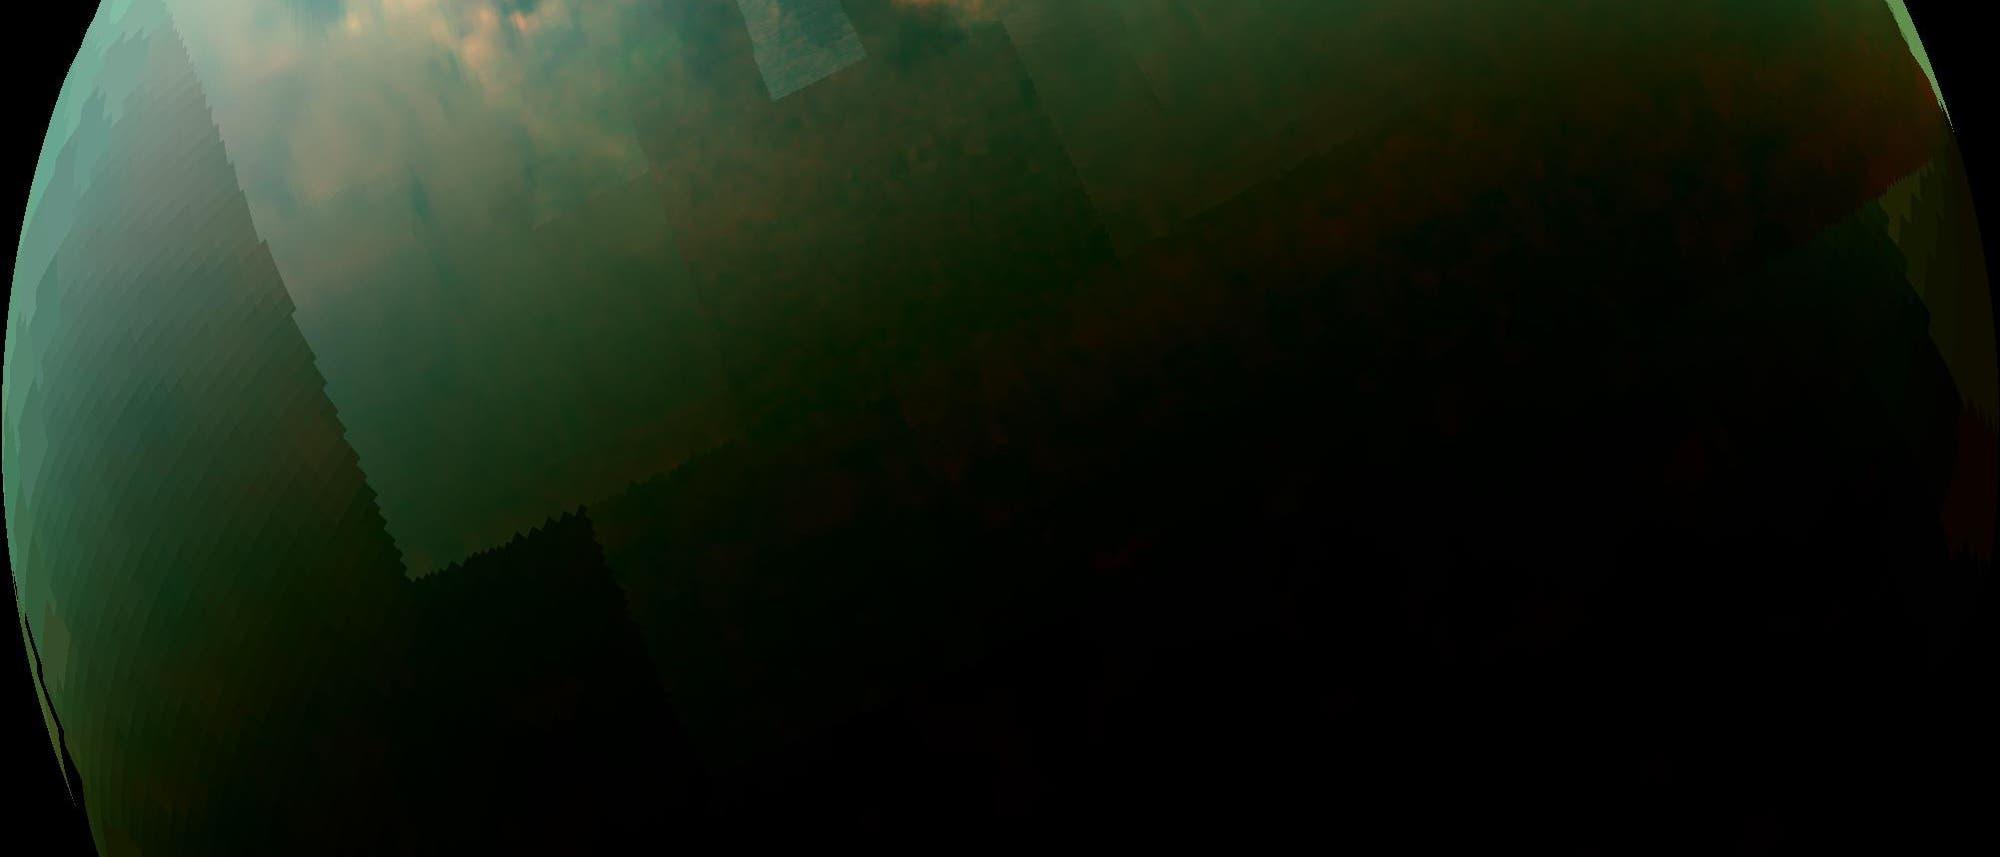 Lichtreflektion auf Flüssigkeit an der Titanoberfläche